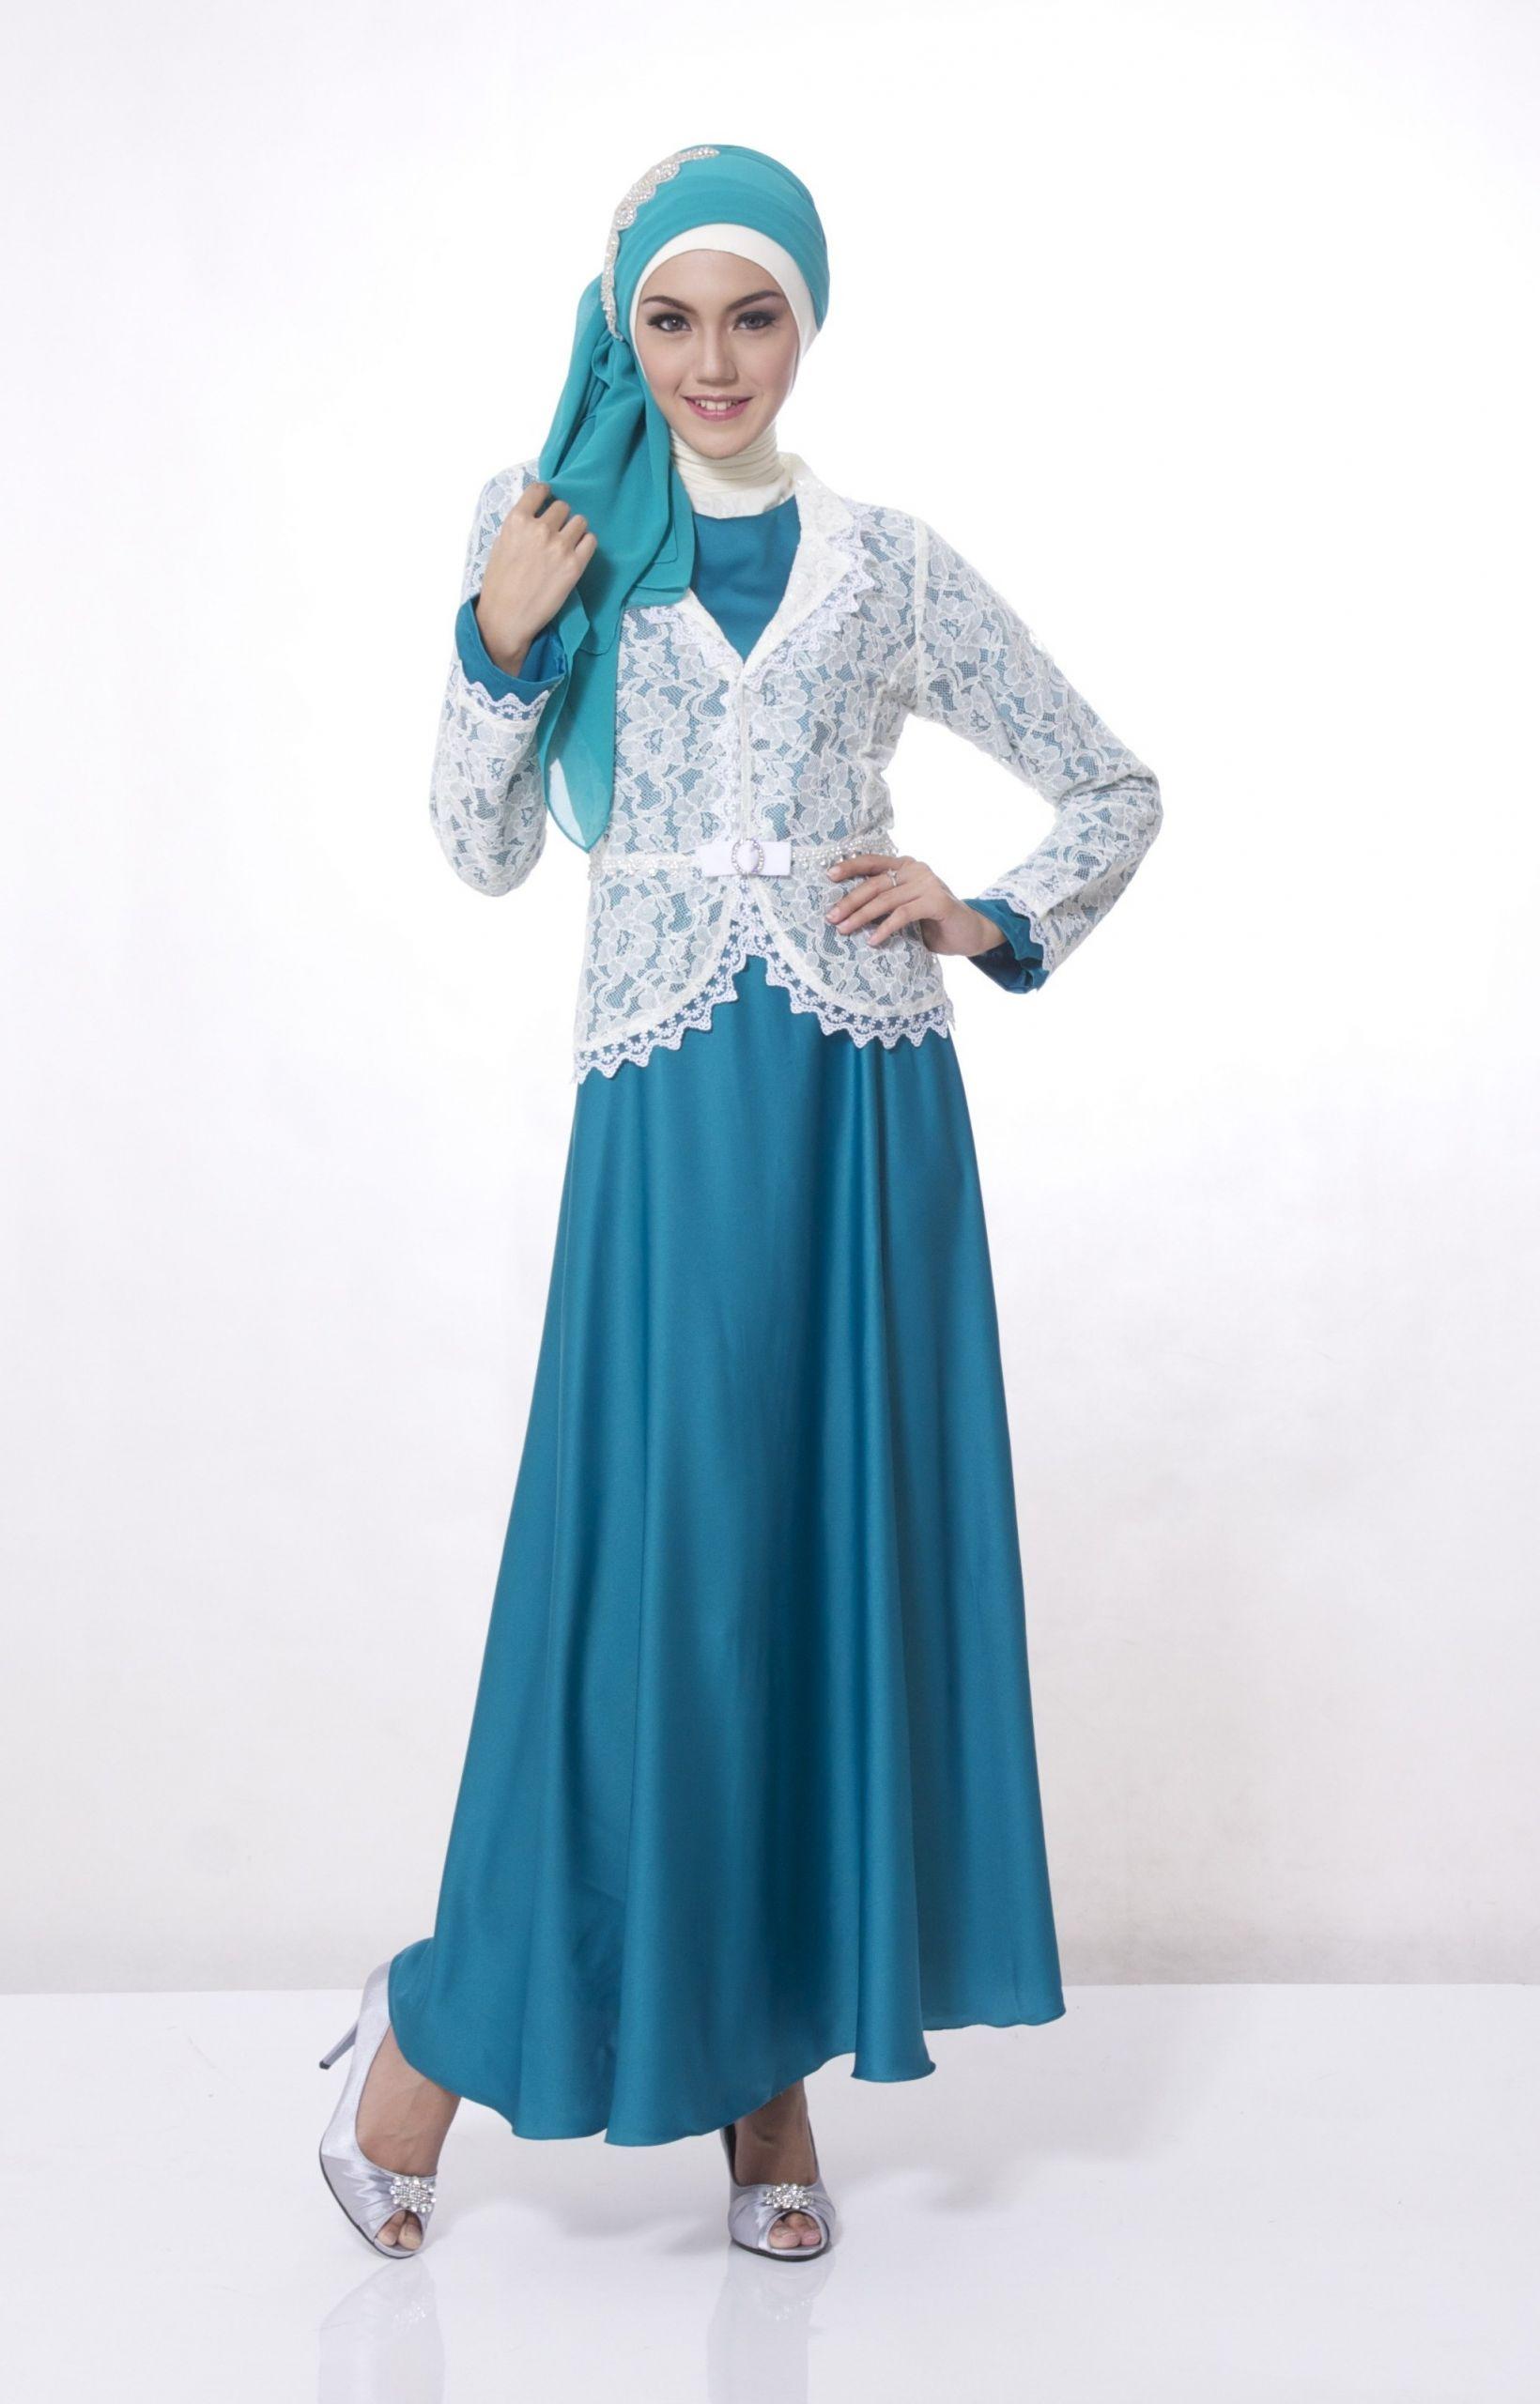 Bentuk Baju Lebaran Wanita Terbaru X8d1 Contoh Desain Baju Muslim Terbaru Di 2015 – Pipitfashion